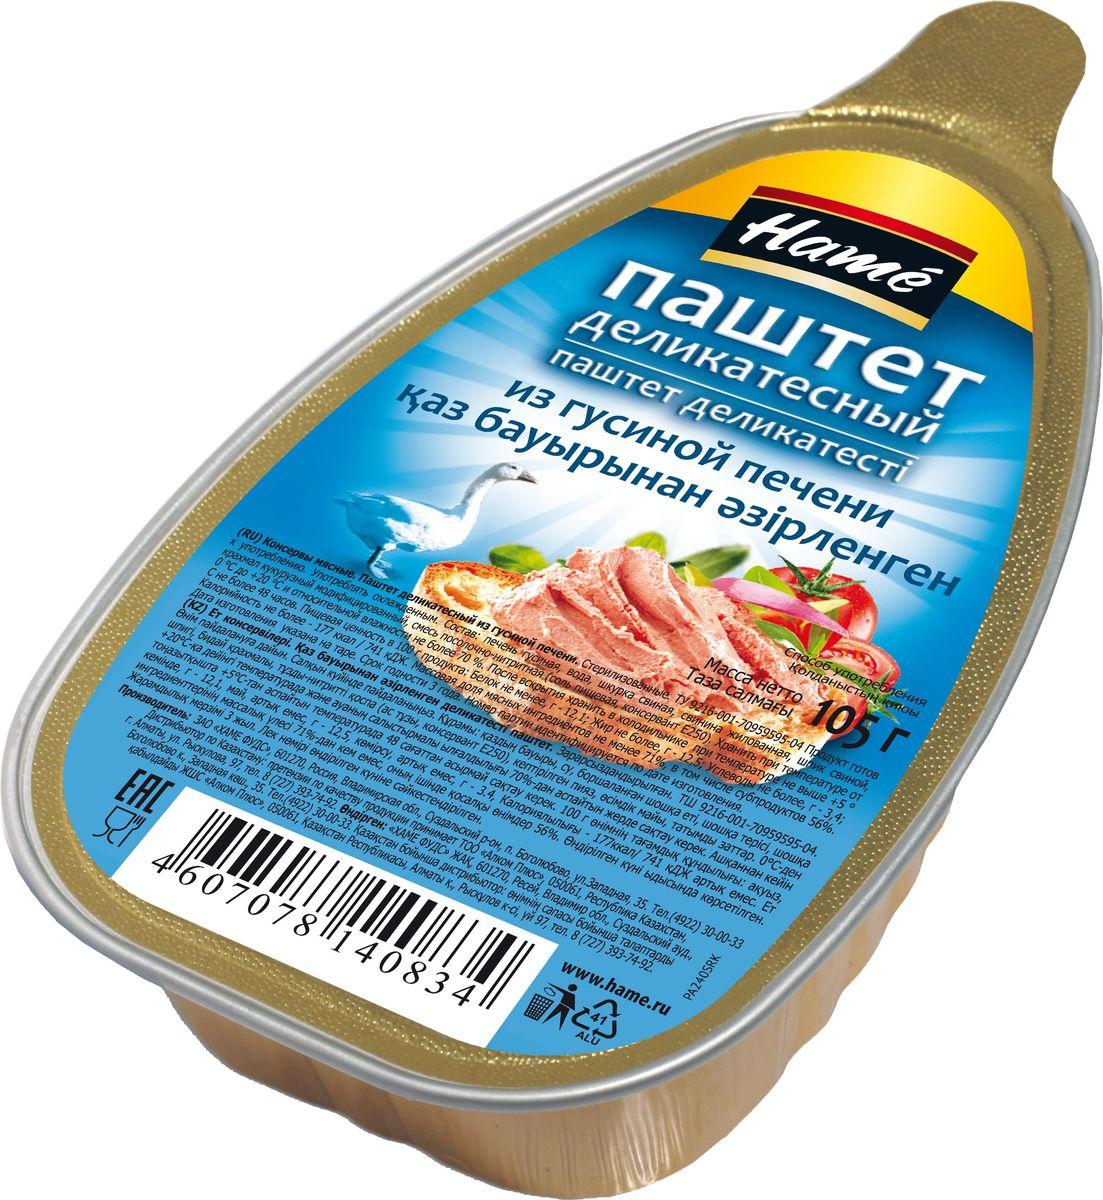 Hame паштет деликатесный из гусиной печени, 3 шт по 105 г0120710Паштет мясной деликатесный - очень питательный продукт, изготовленный по традиционной рецептуре. Продукт готов к употреблению. Пищевая ценность в 100 г. продукта:Белок не менее, г - 12,1;Жир не более, г - 12,5;Углеводы не более, г - 3,4.